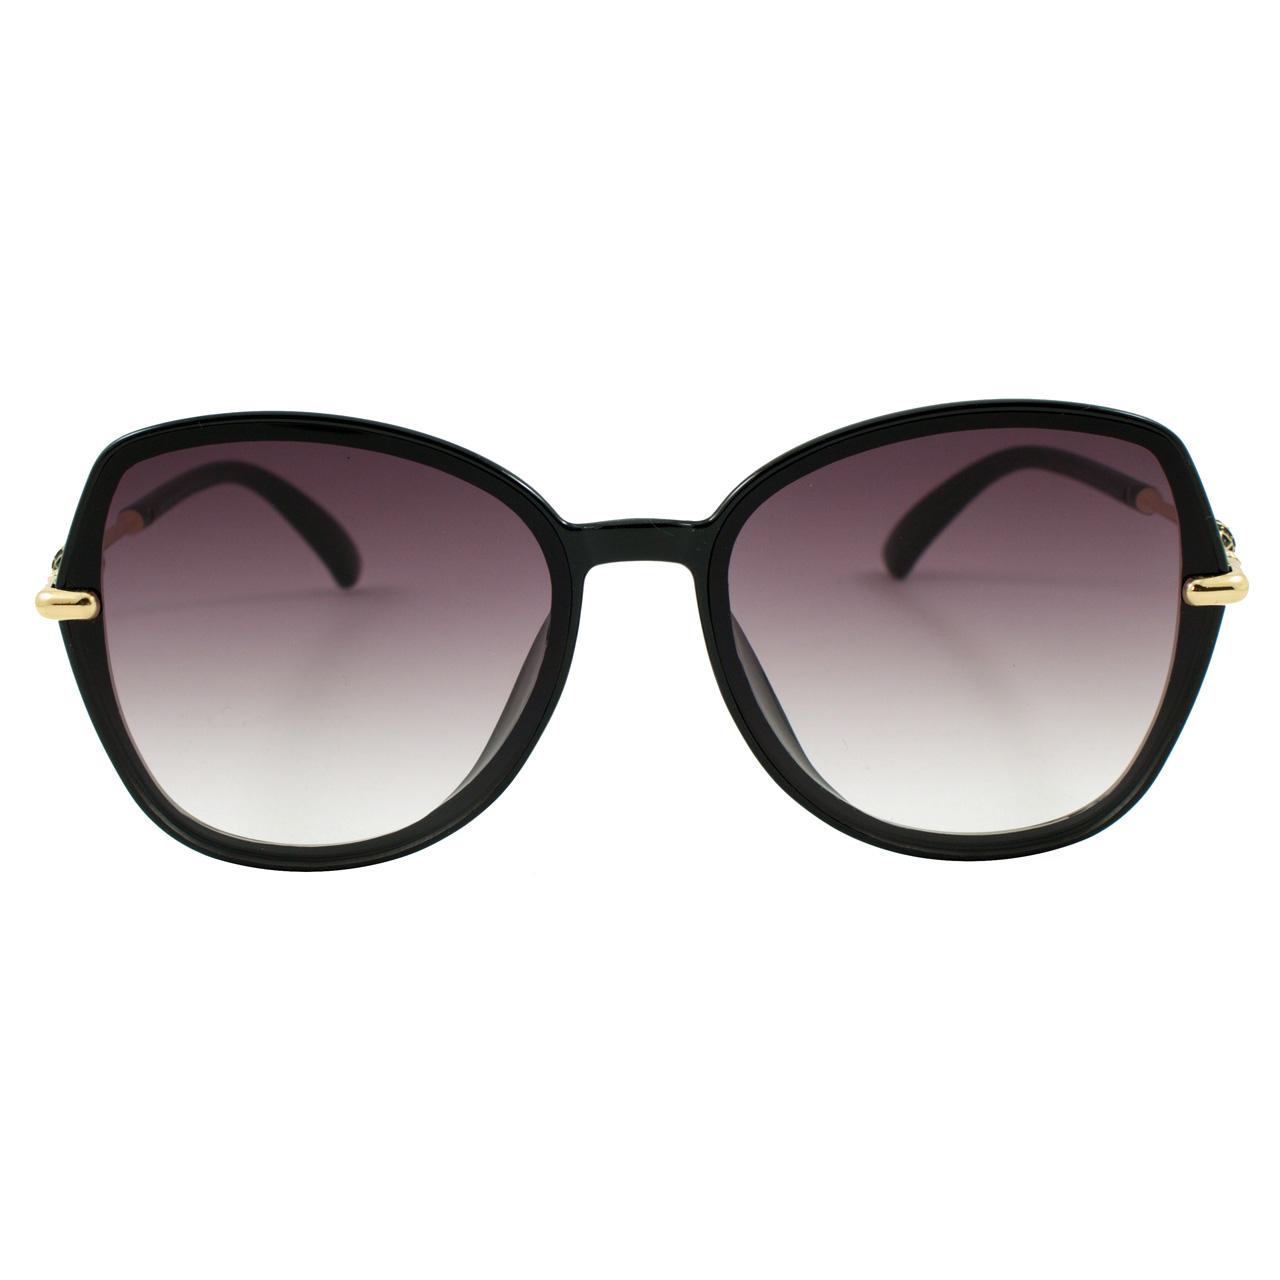 قیمت عینک آفتابی زنانه مدل Premium Black